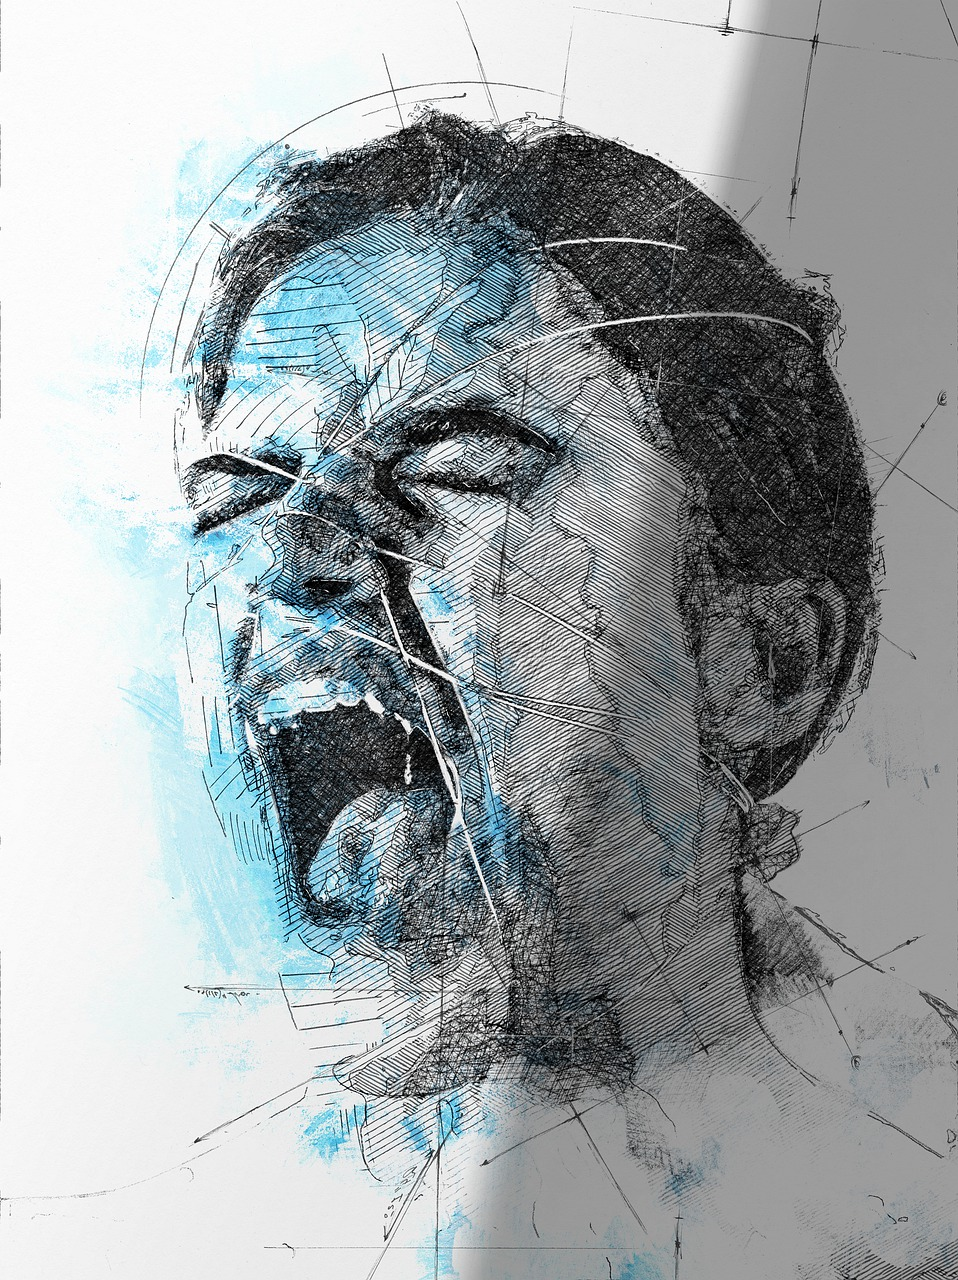 """""""Σπάσε την σιωπή. Γίνε κραυγή."""" Γράφει ο συγγραφέας και ηθοποιός Κώστας Κρομμύδας."""